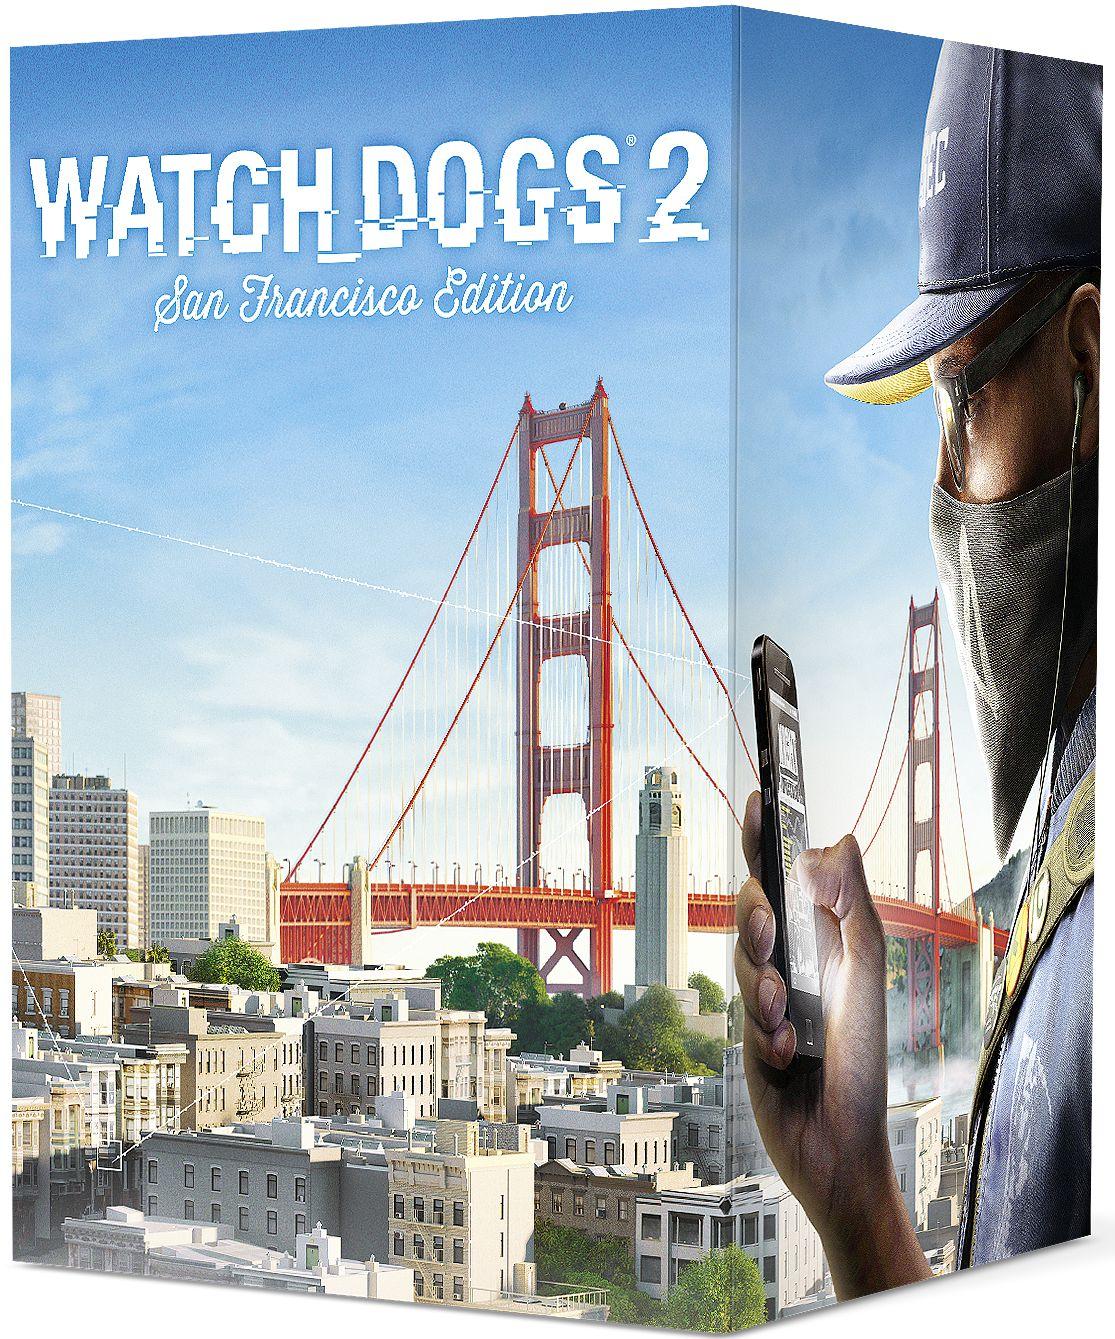 Watch Dogs 2. Коллекционное издание «Сан-Франциско» [Xbox One]В игре Watch Dogs 2 исследуйте огромный мир, который наполнен множеством возможностей. Взламывайте дорожную инфраструктуру в то время как вы участвуете в опасных погонях на автомобилях по извилистым улицам Сан-Франциско, пробегитесь по крышам красочных и ярких районов Окленда и побывайте в офисах компаний Силиконовой долины.<br>